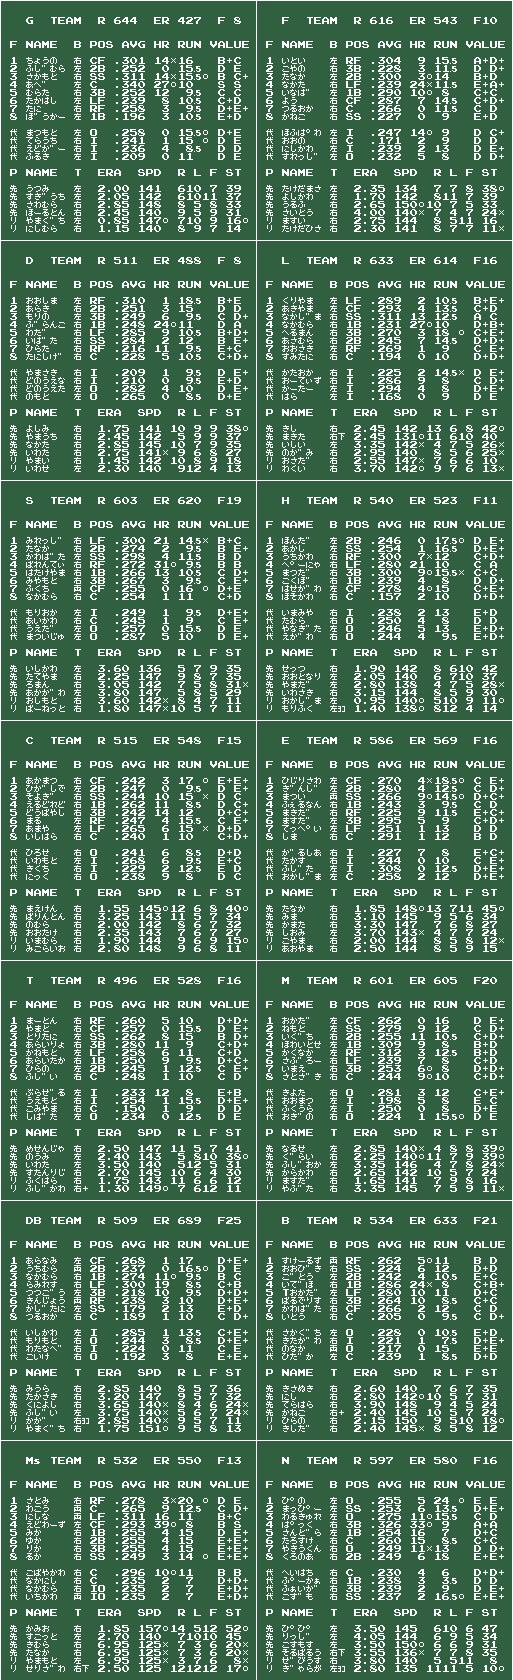 ファミスタ12 誤審酷杉 v2012/12/24 チームデータ